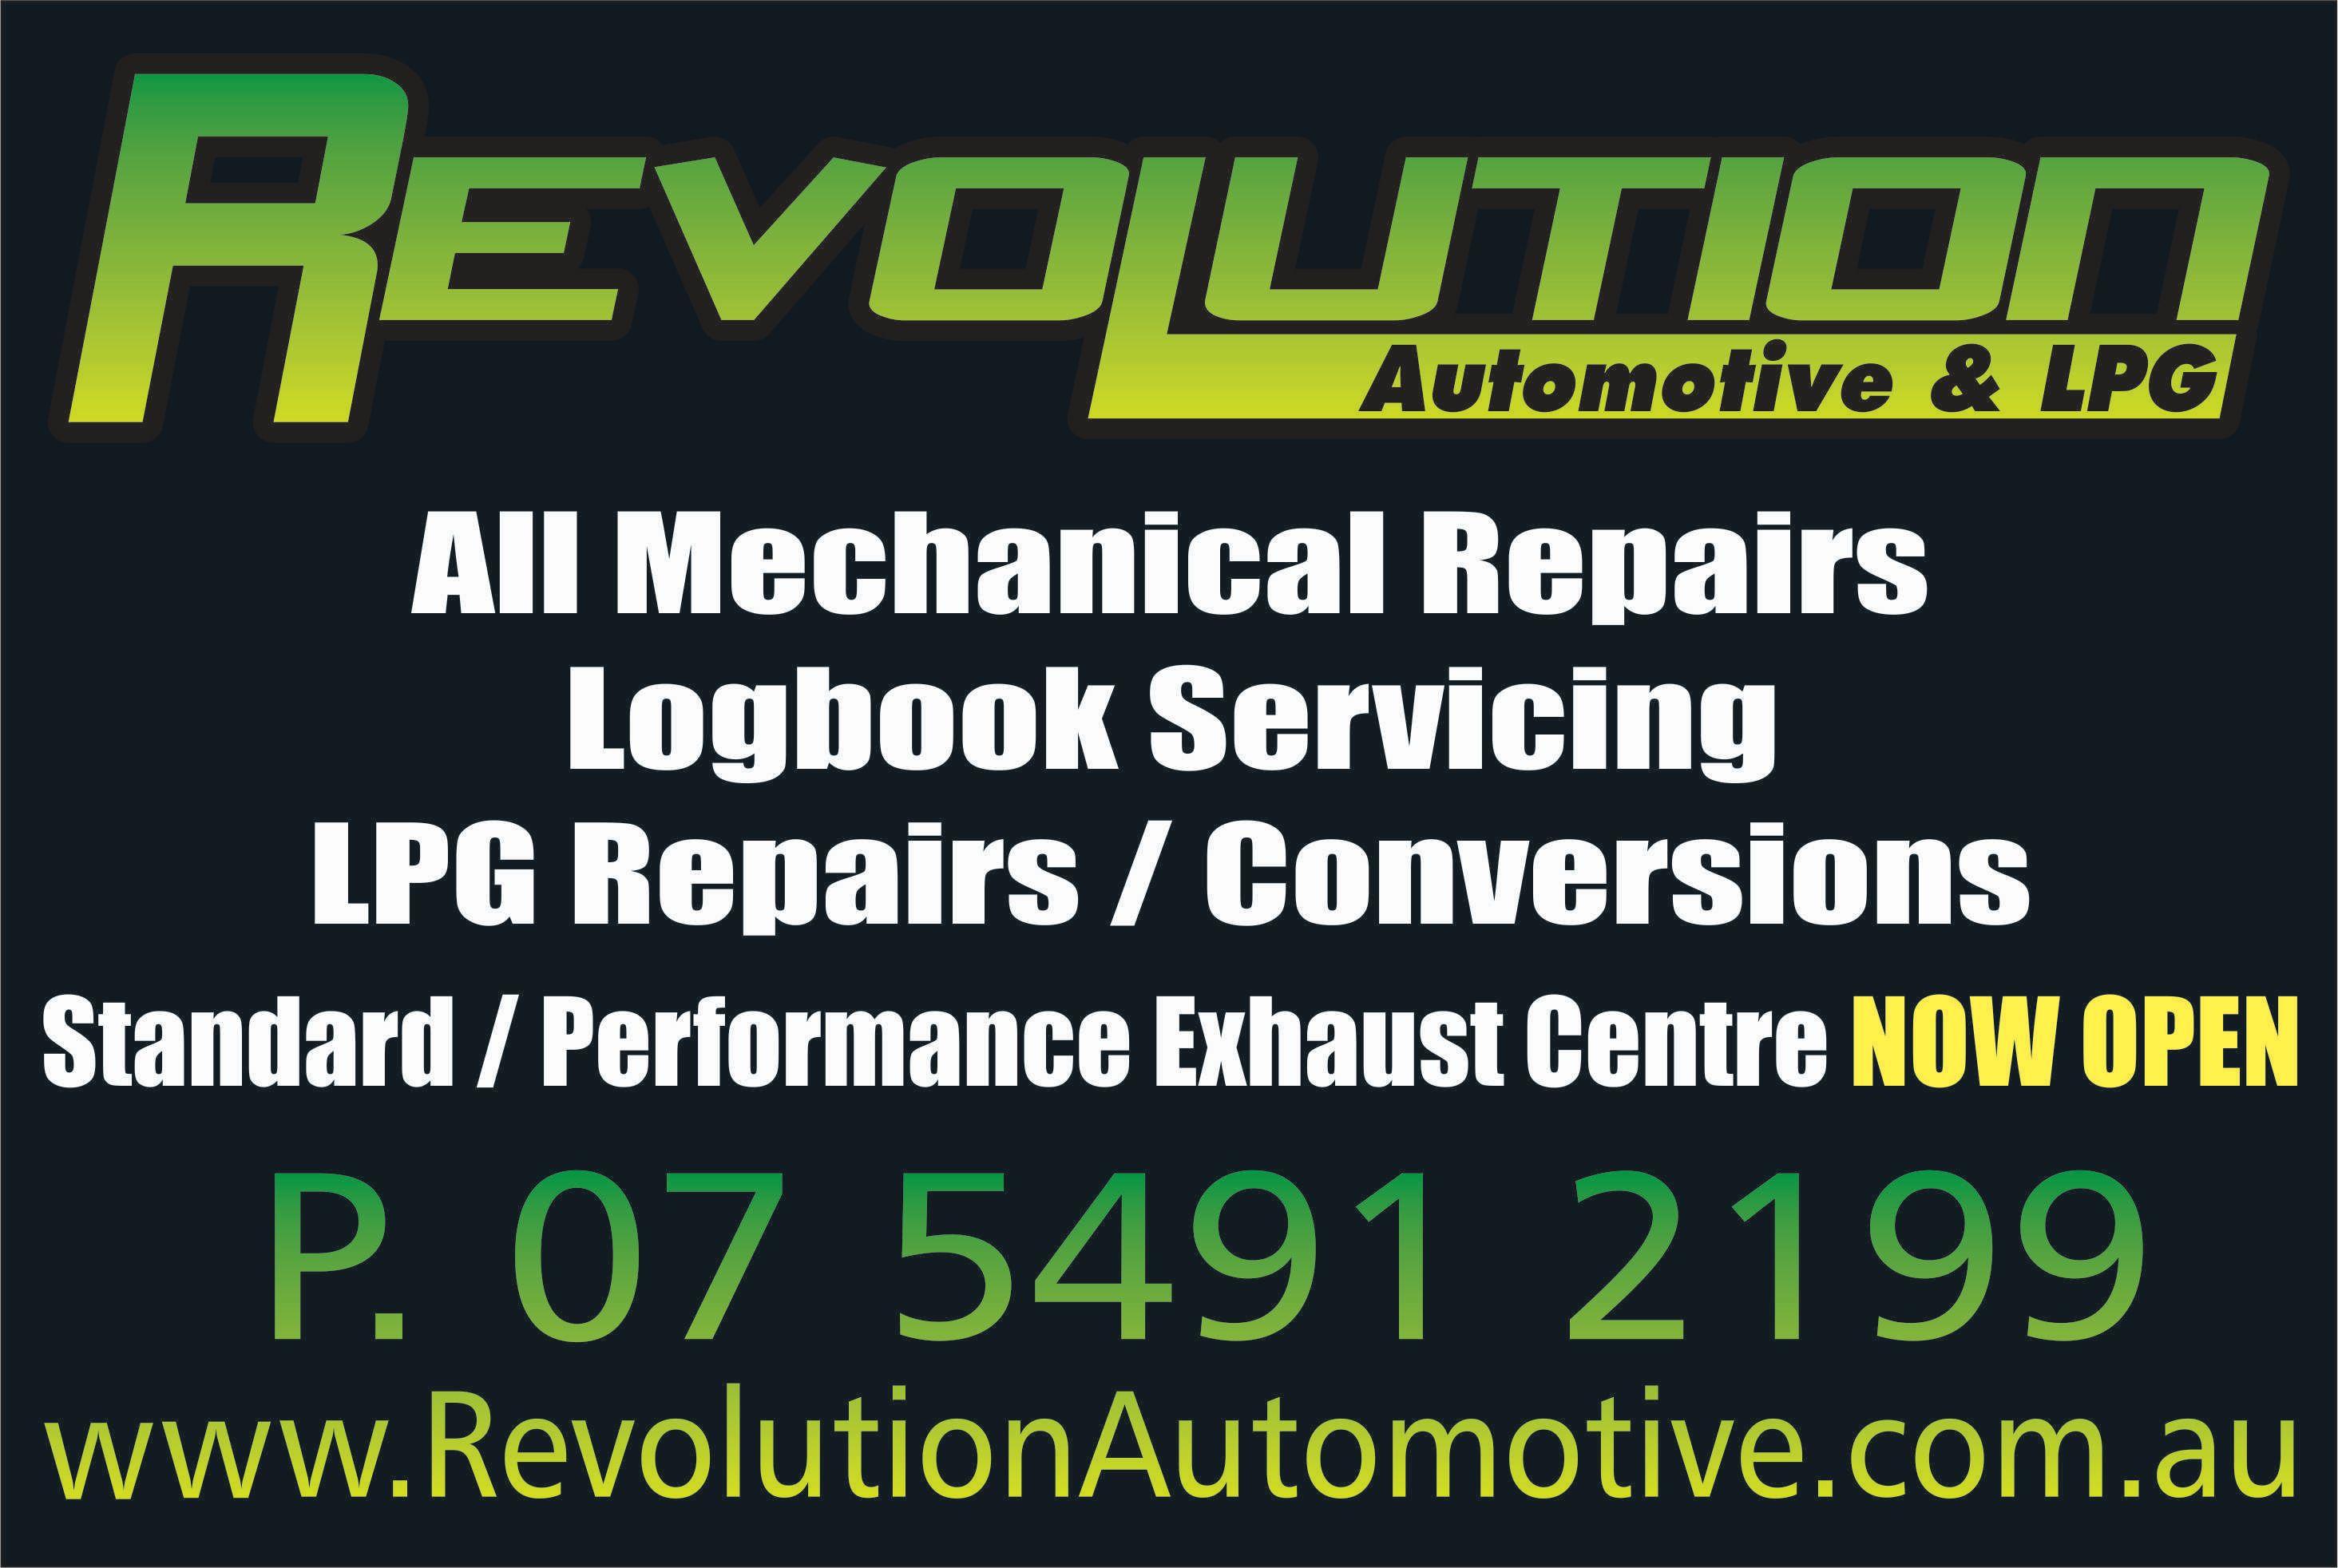 Image about Revolution Automotive